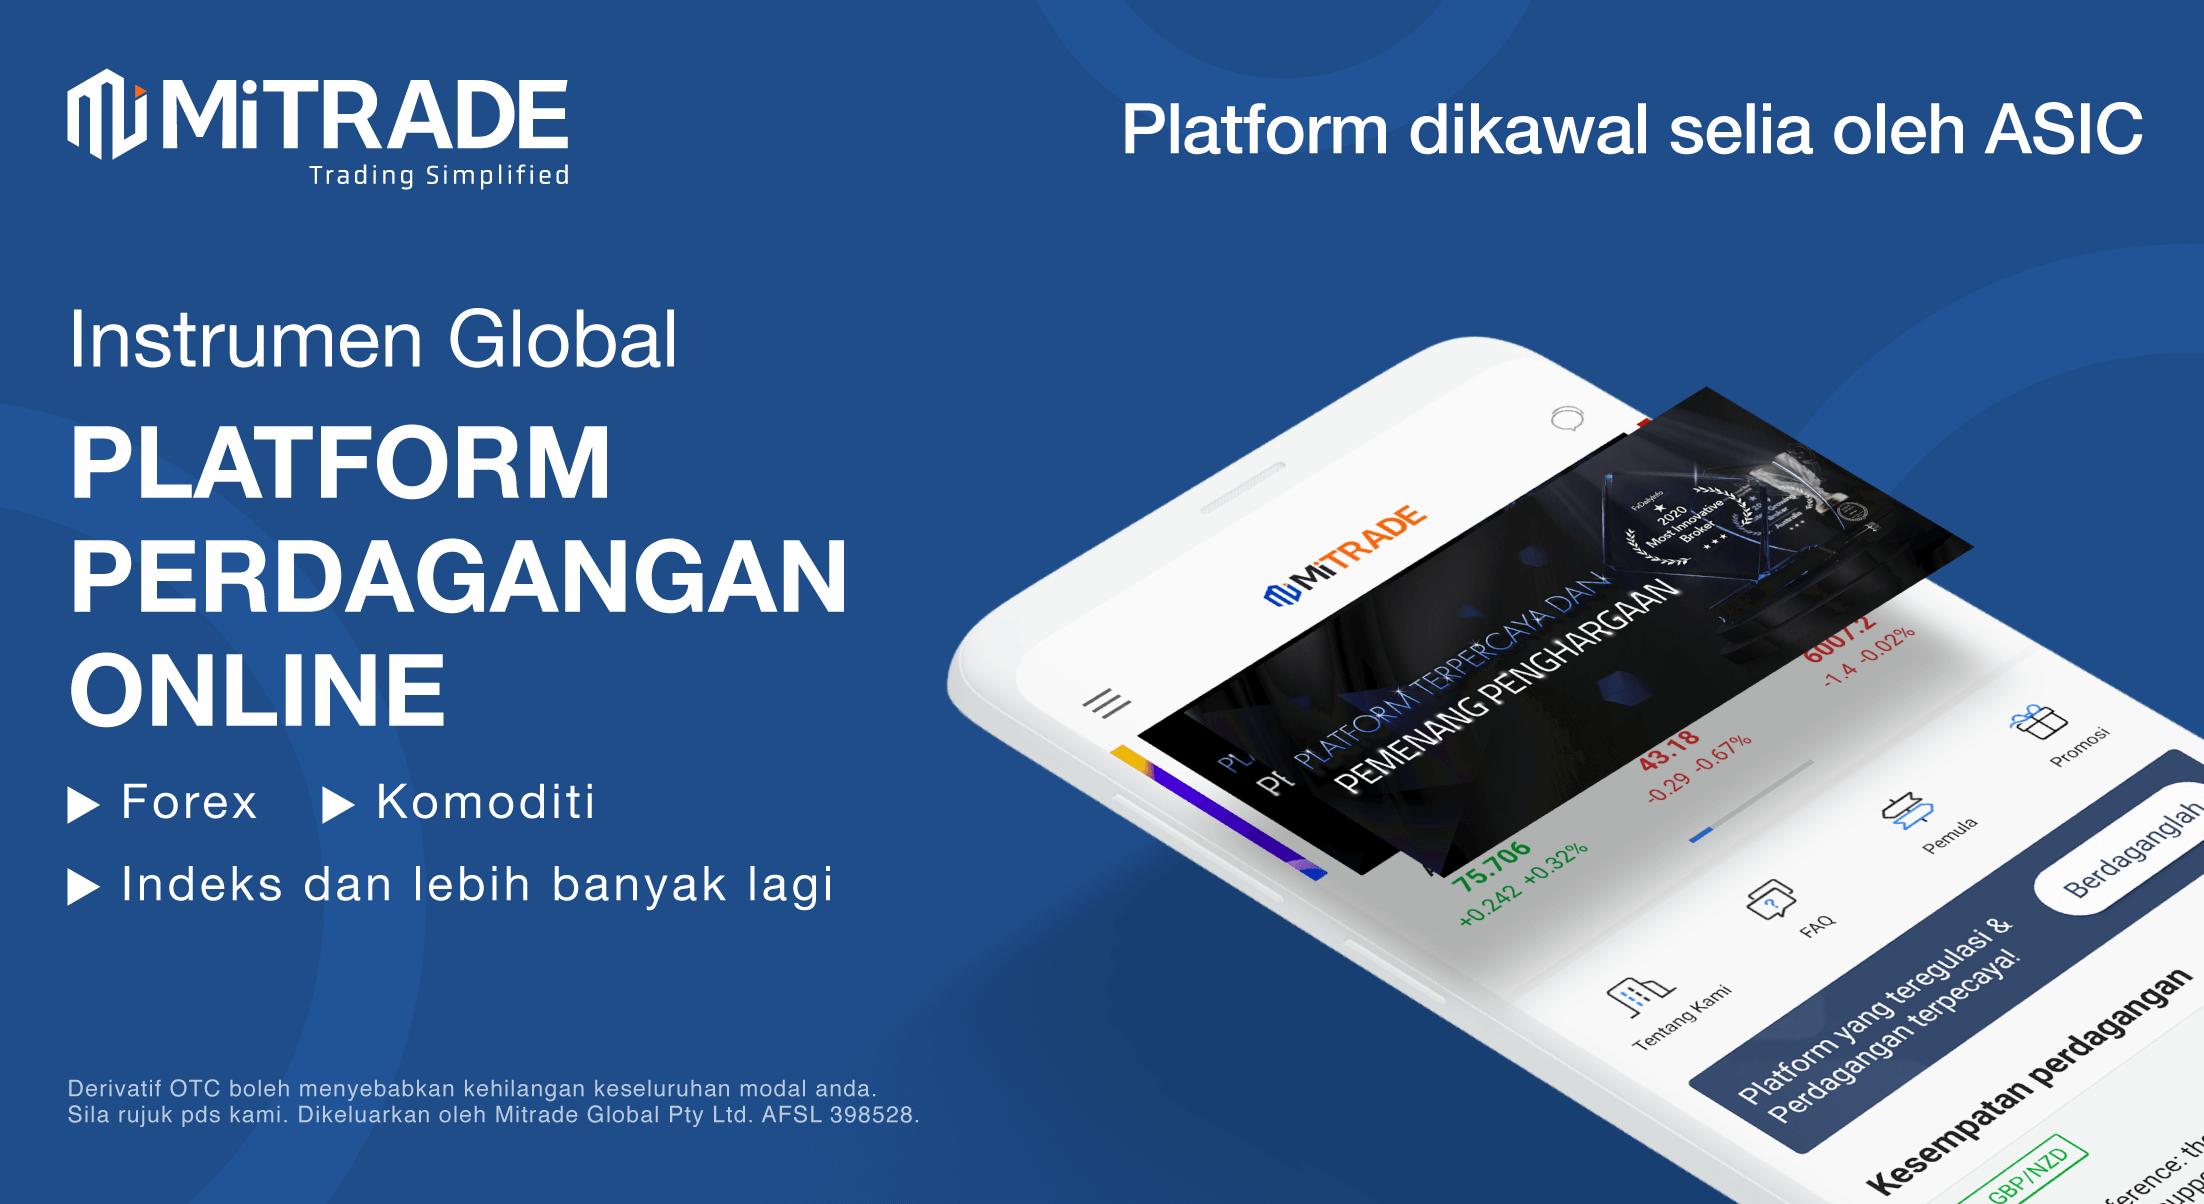 Mitrade_Perdagangan_Online_Di_ Aplikasi Mobil & Web